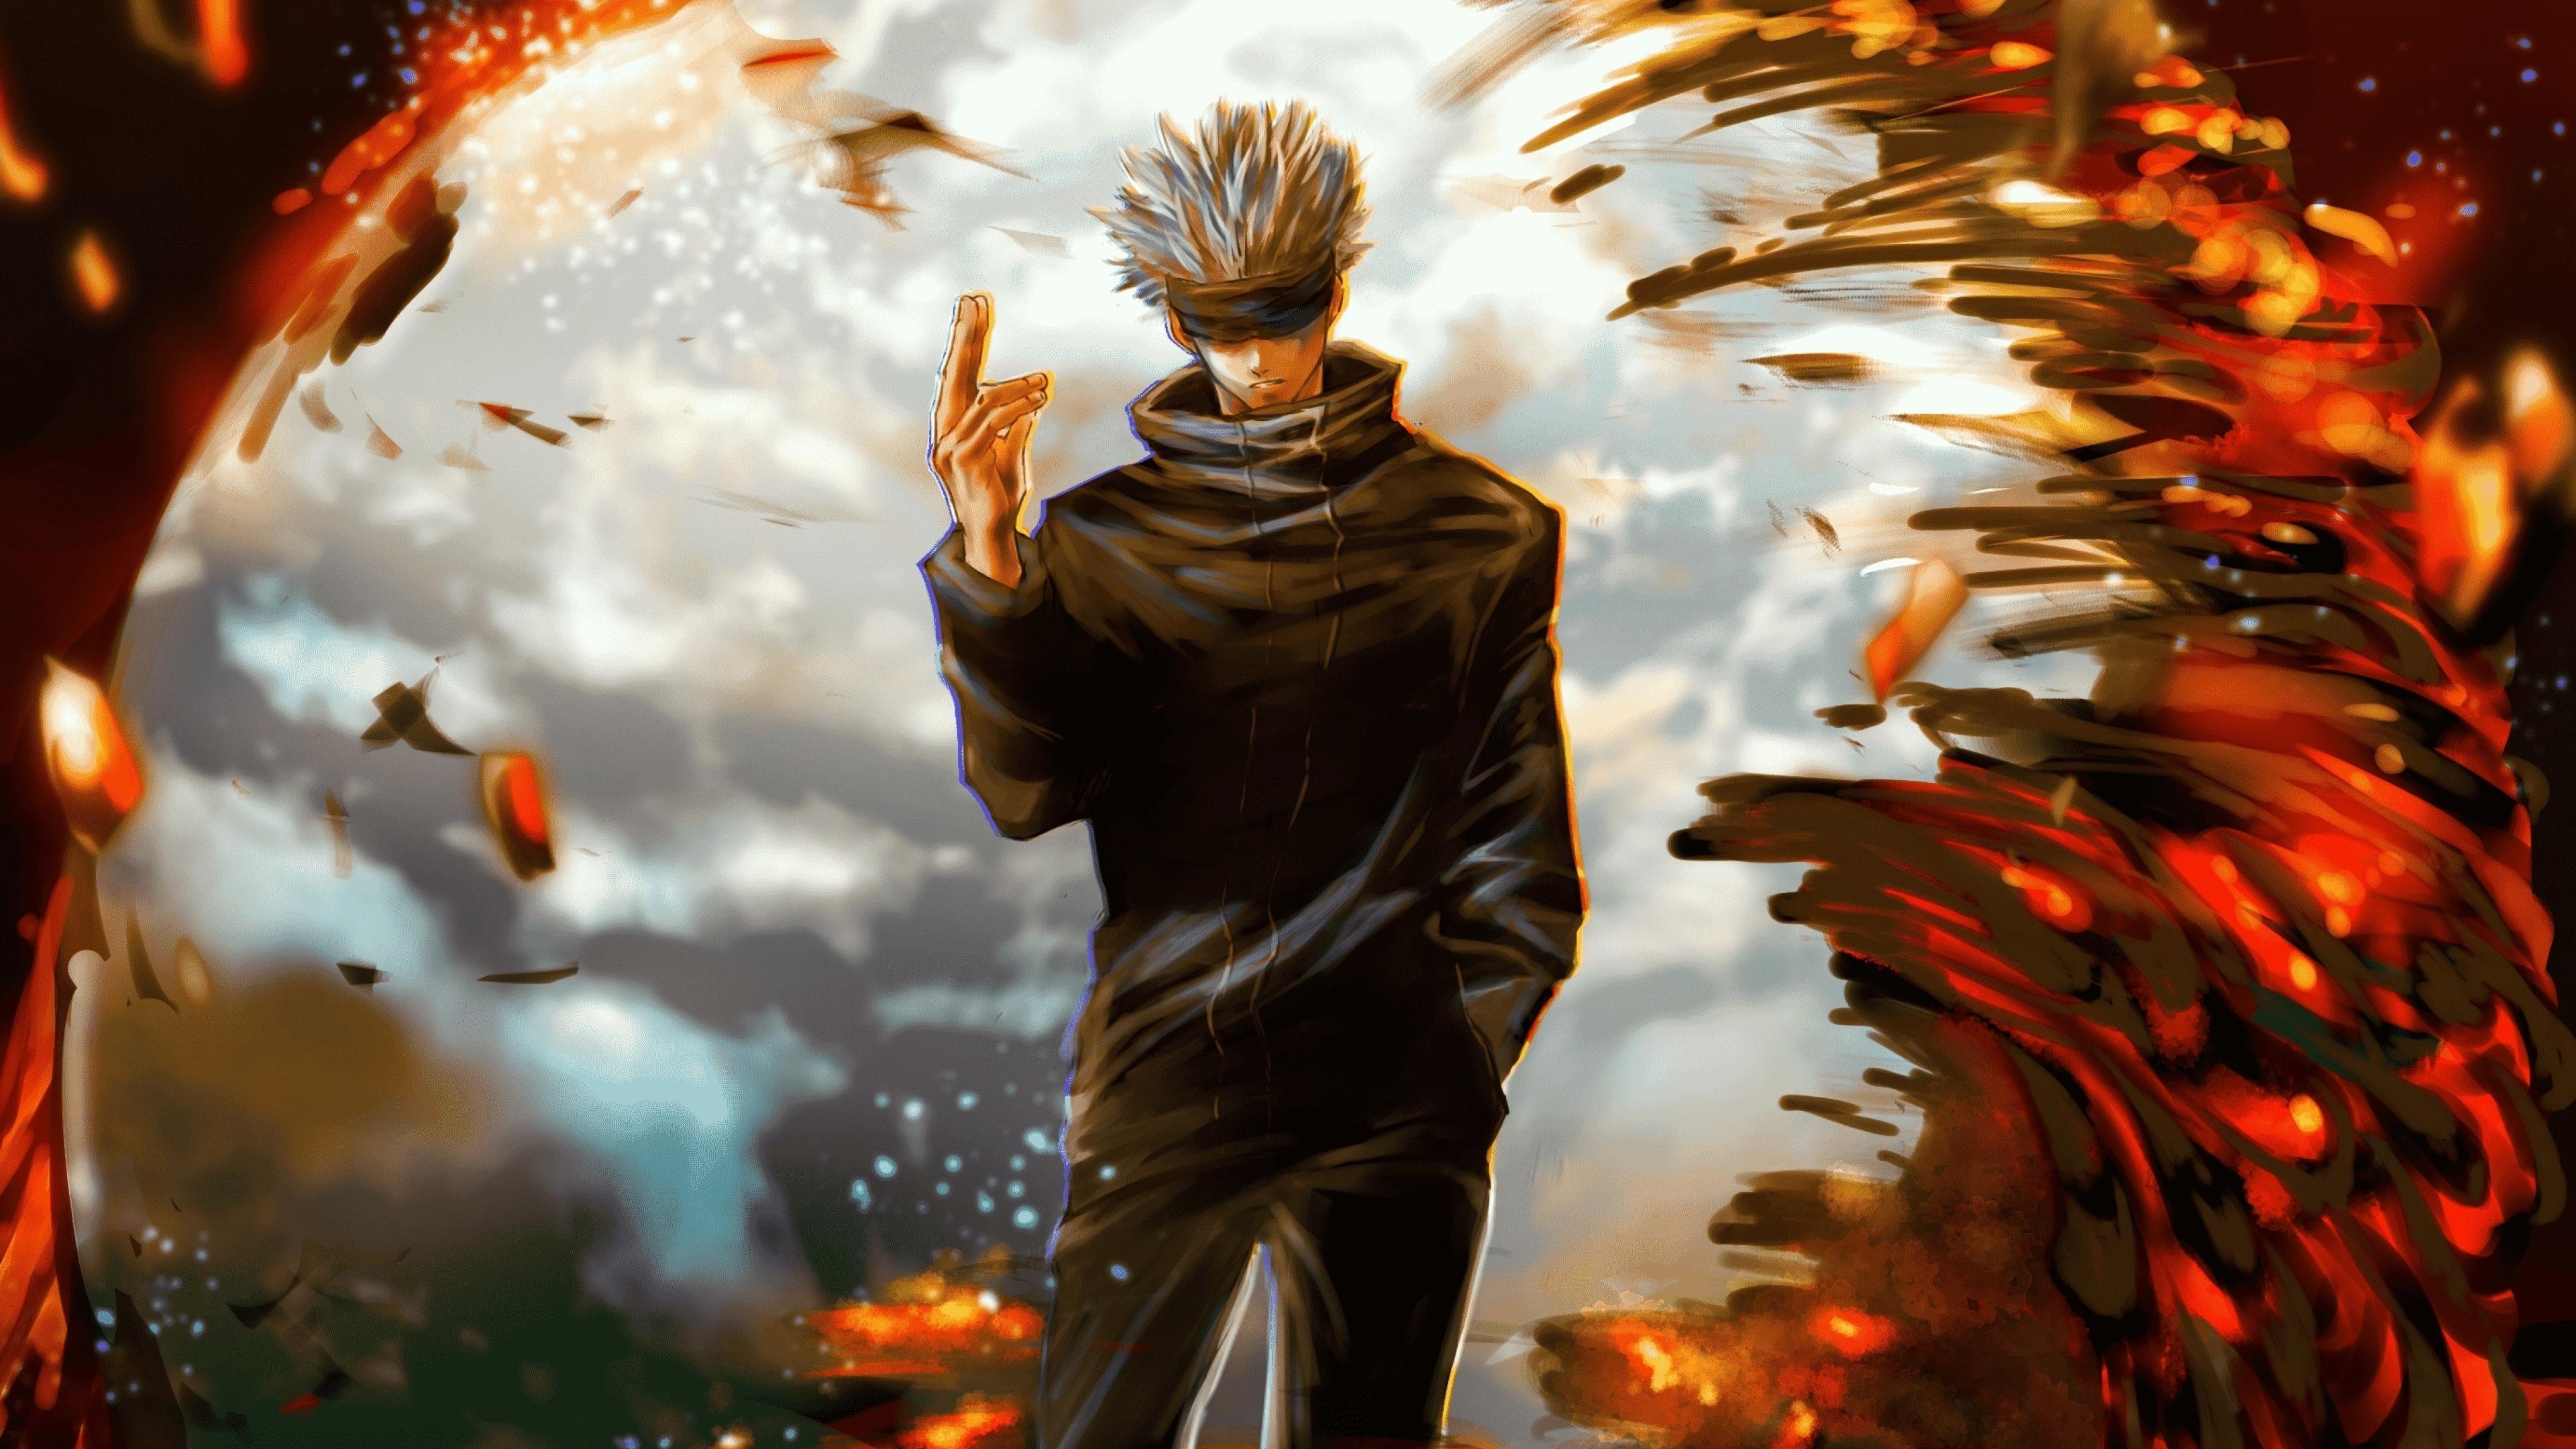 3840x2160 Satoru Gojo Jujutsu Kaisen Art 4K Wallpaper, HD ...